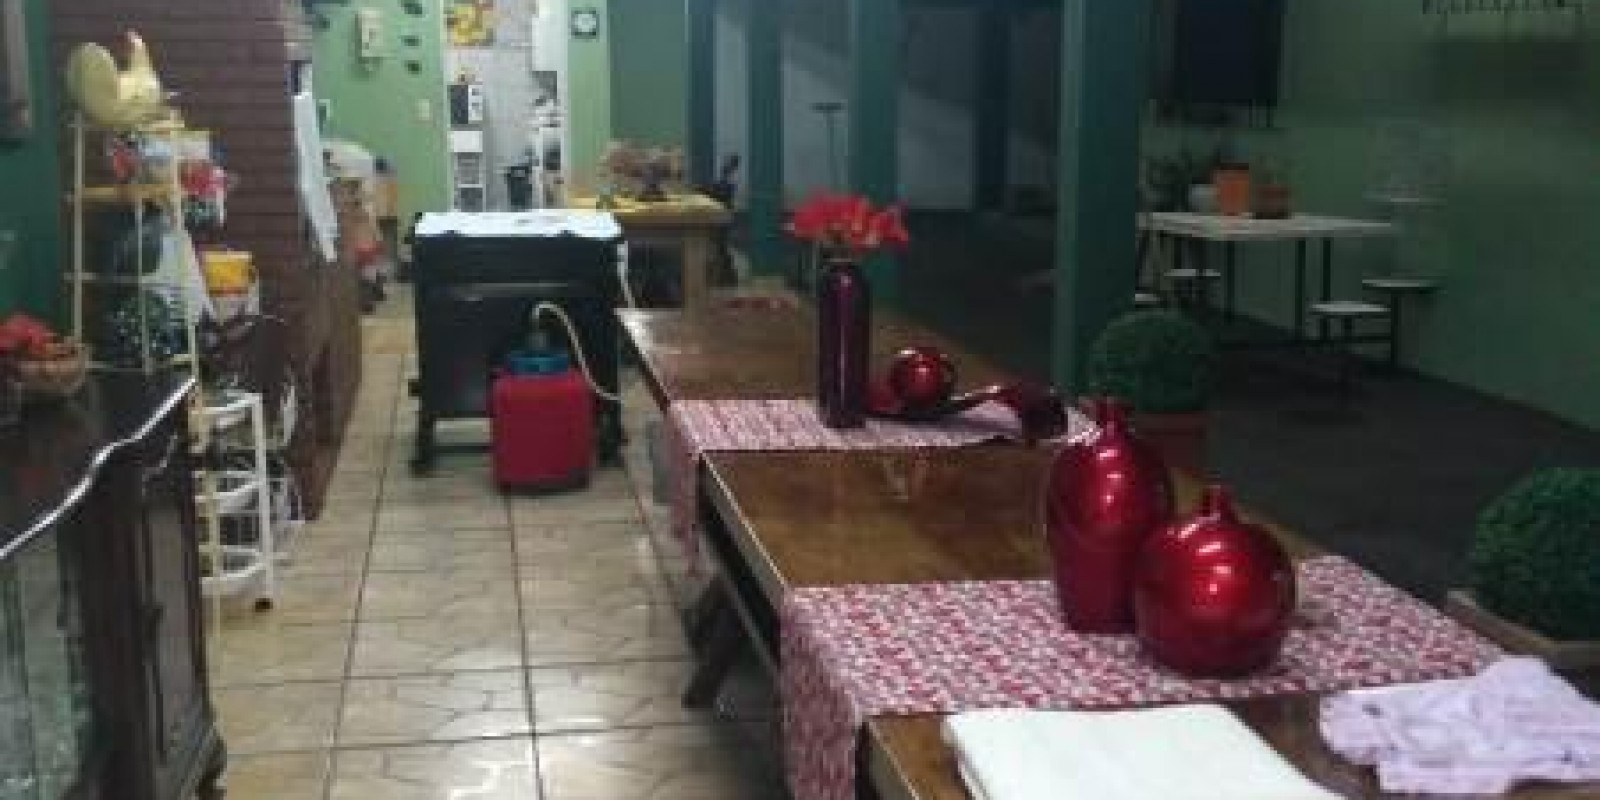 Casa MOBILIADA na Represa no Portal do Catavento em Arandu SP - Foto 22 de 26